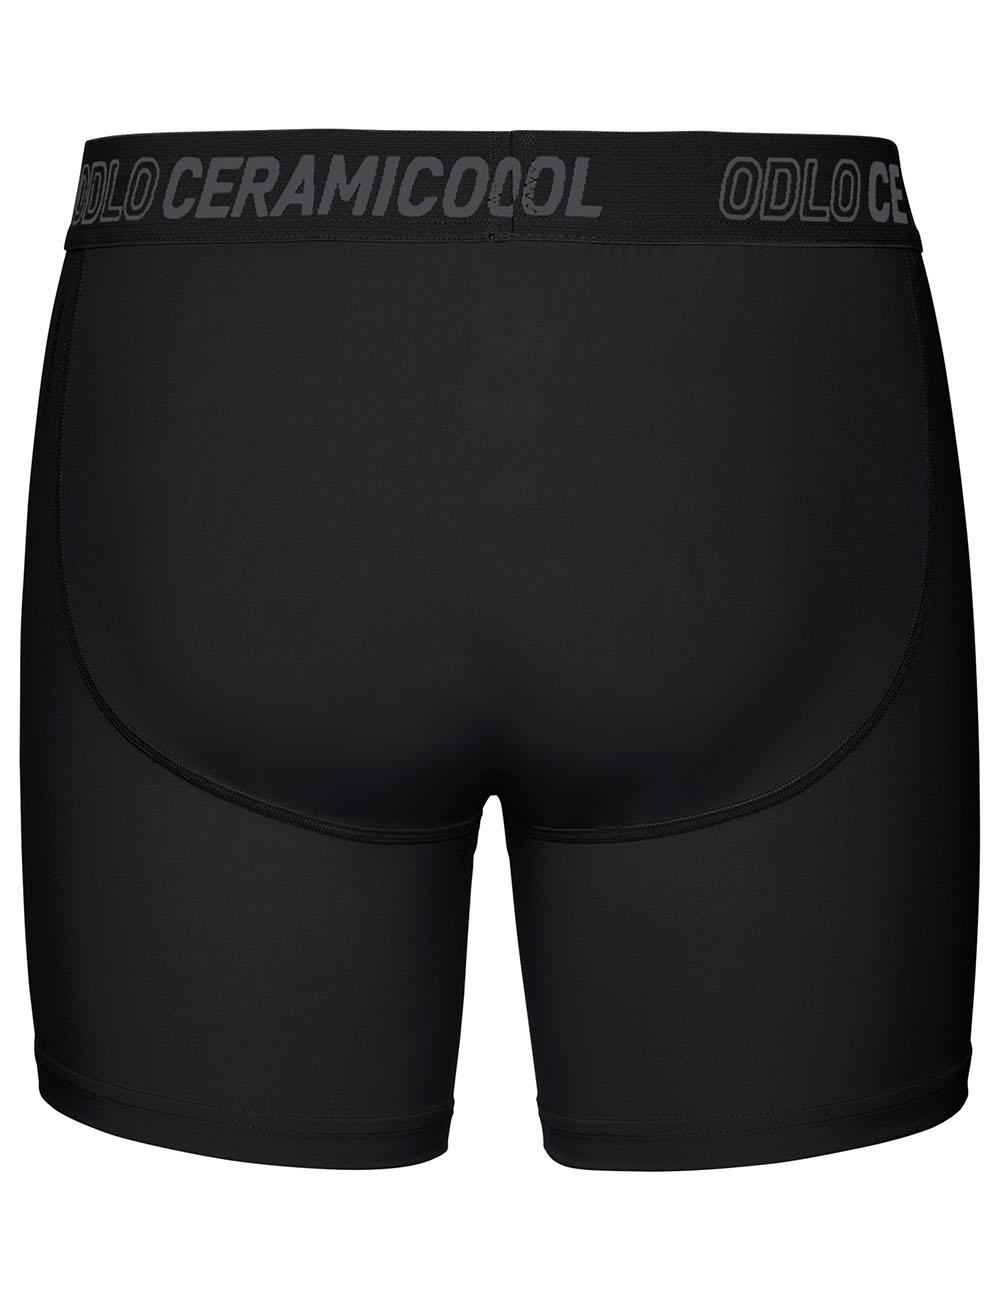 281cc66285ff4 ODLO Трусы-шорты мужские Ceramicool, артикул 360392, цвет черный, цена 1  490 руб., характеристики, фото   ODLO.ru